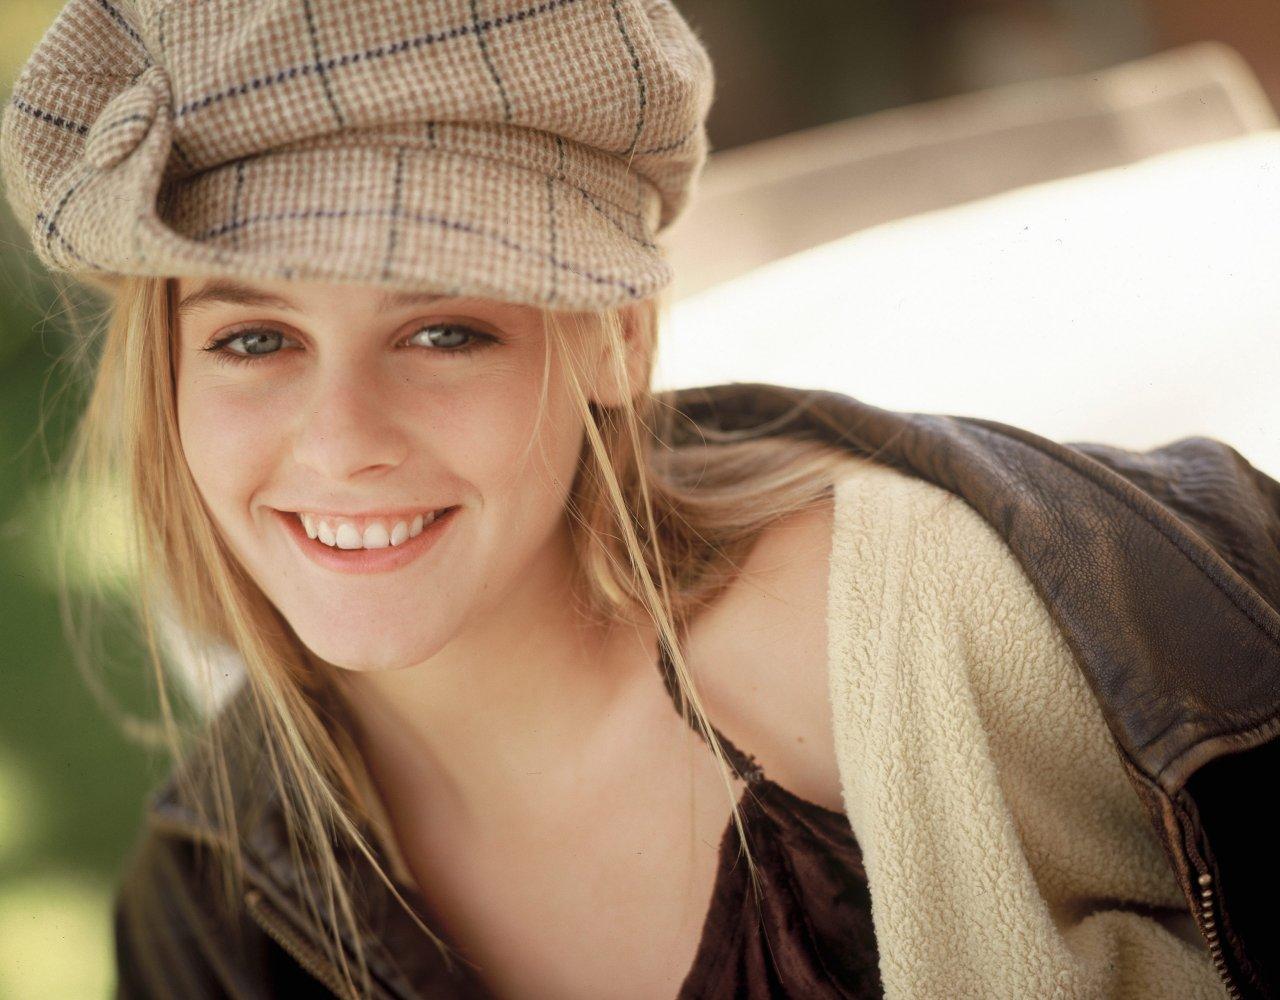 Alicia_silverstone_close_up540